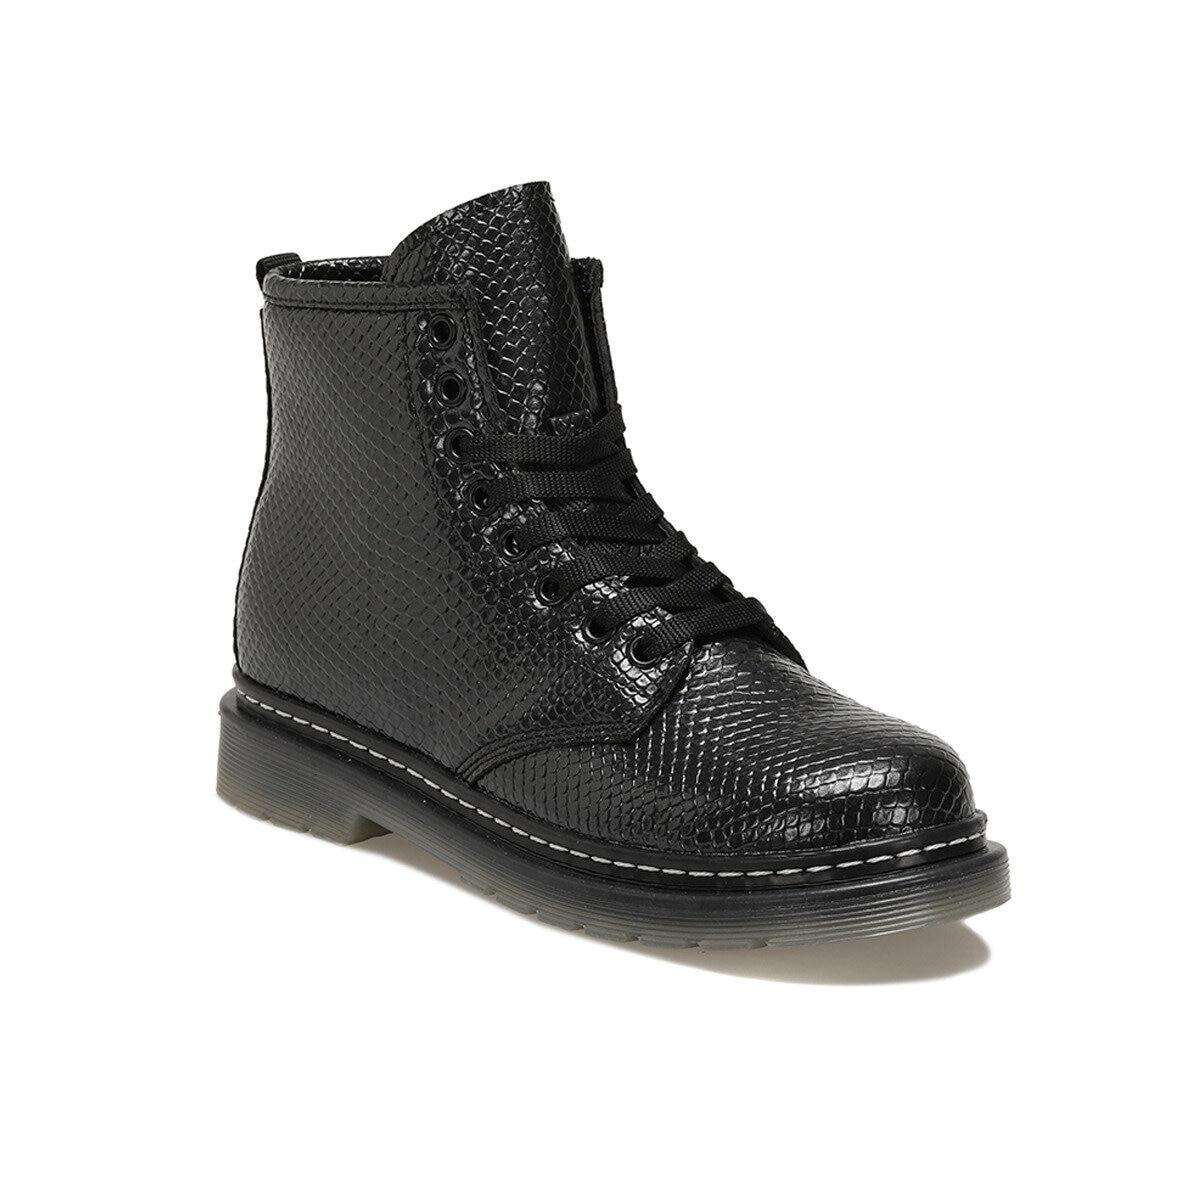 FLO 92.309185Y.Z أحذية نسائية سوداء بولاريس